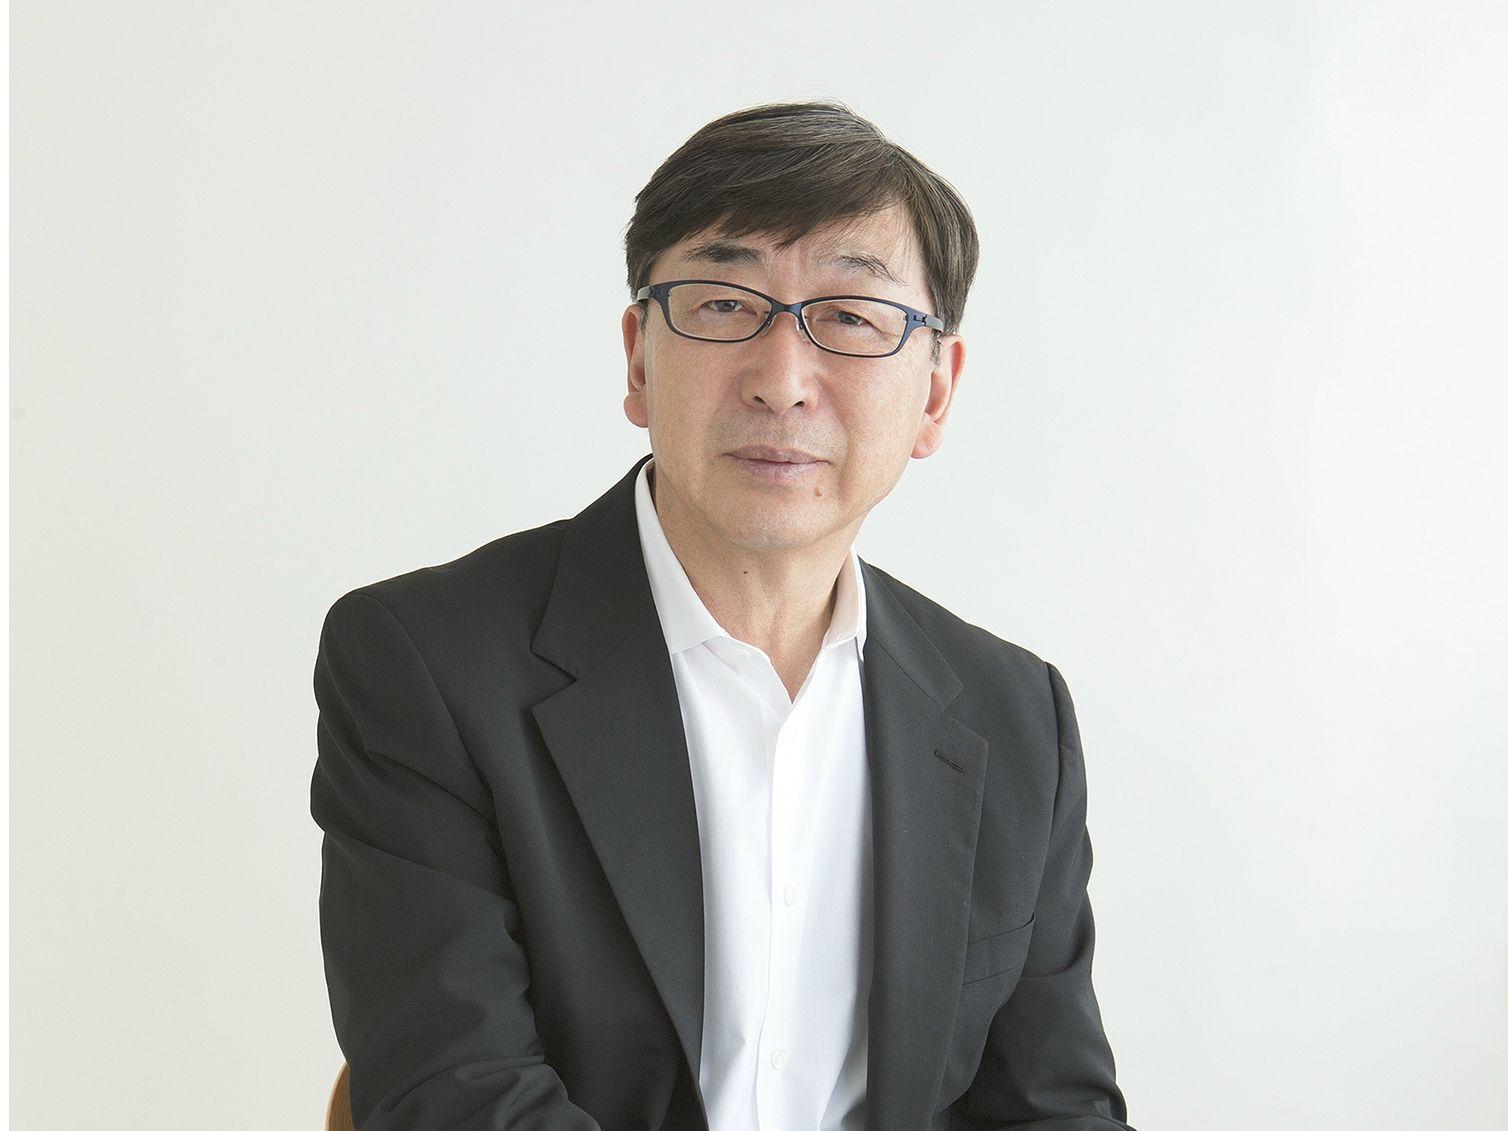 Toyo Ito vincitore del Pritzker Prize 2013